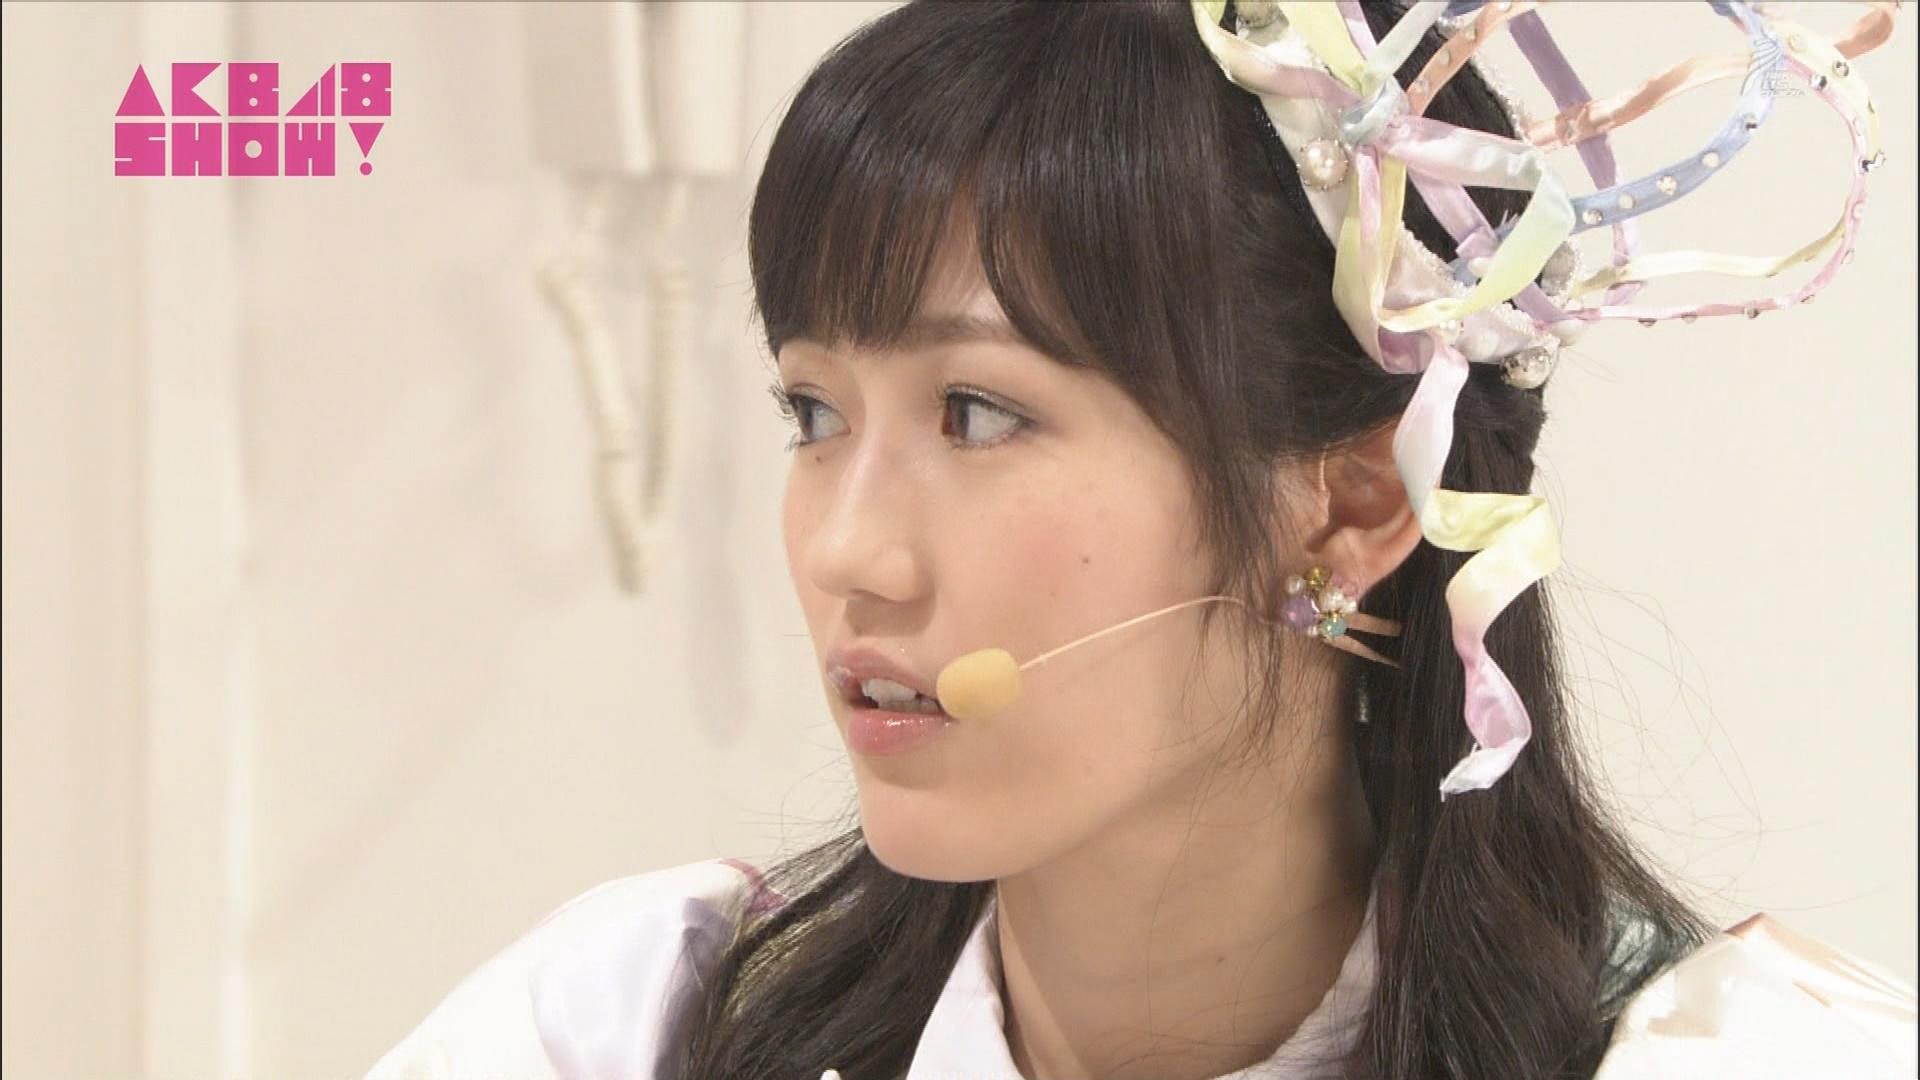 AKB48SHOW 心のプラカード 渡辺麻友 20140830 (5)